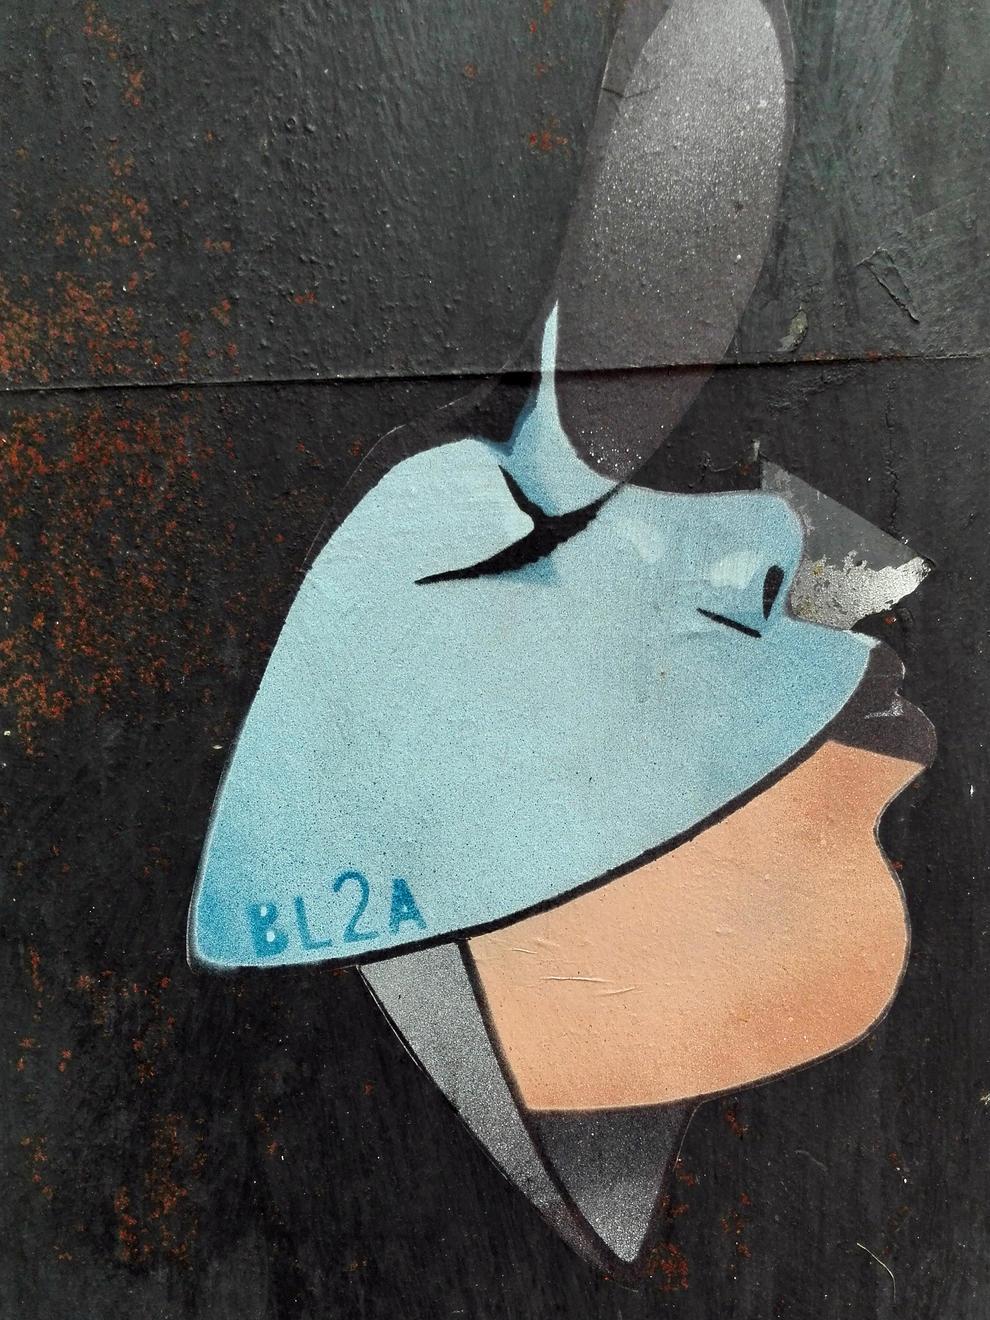 obres. Diferents obres de BL2A escampades per Lleida. La Frida Kahlo, que no està signada, podria ser de Taski.